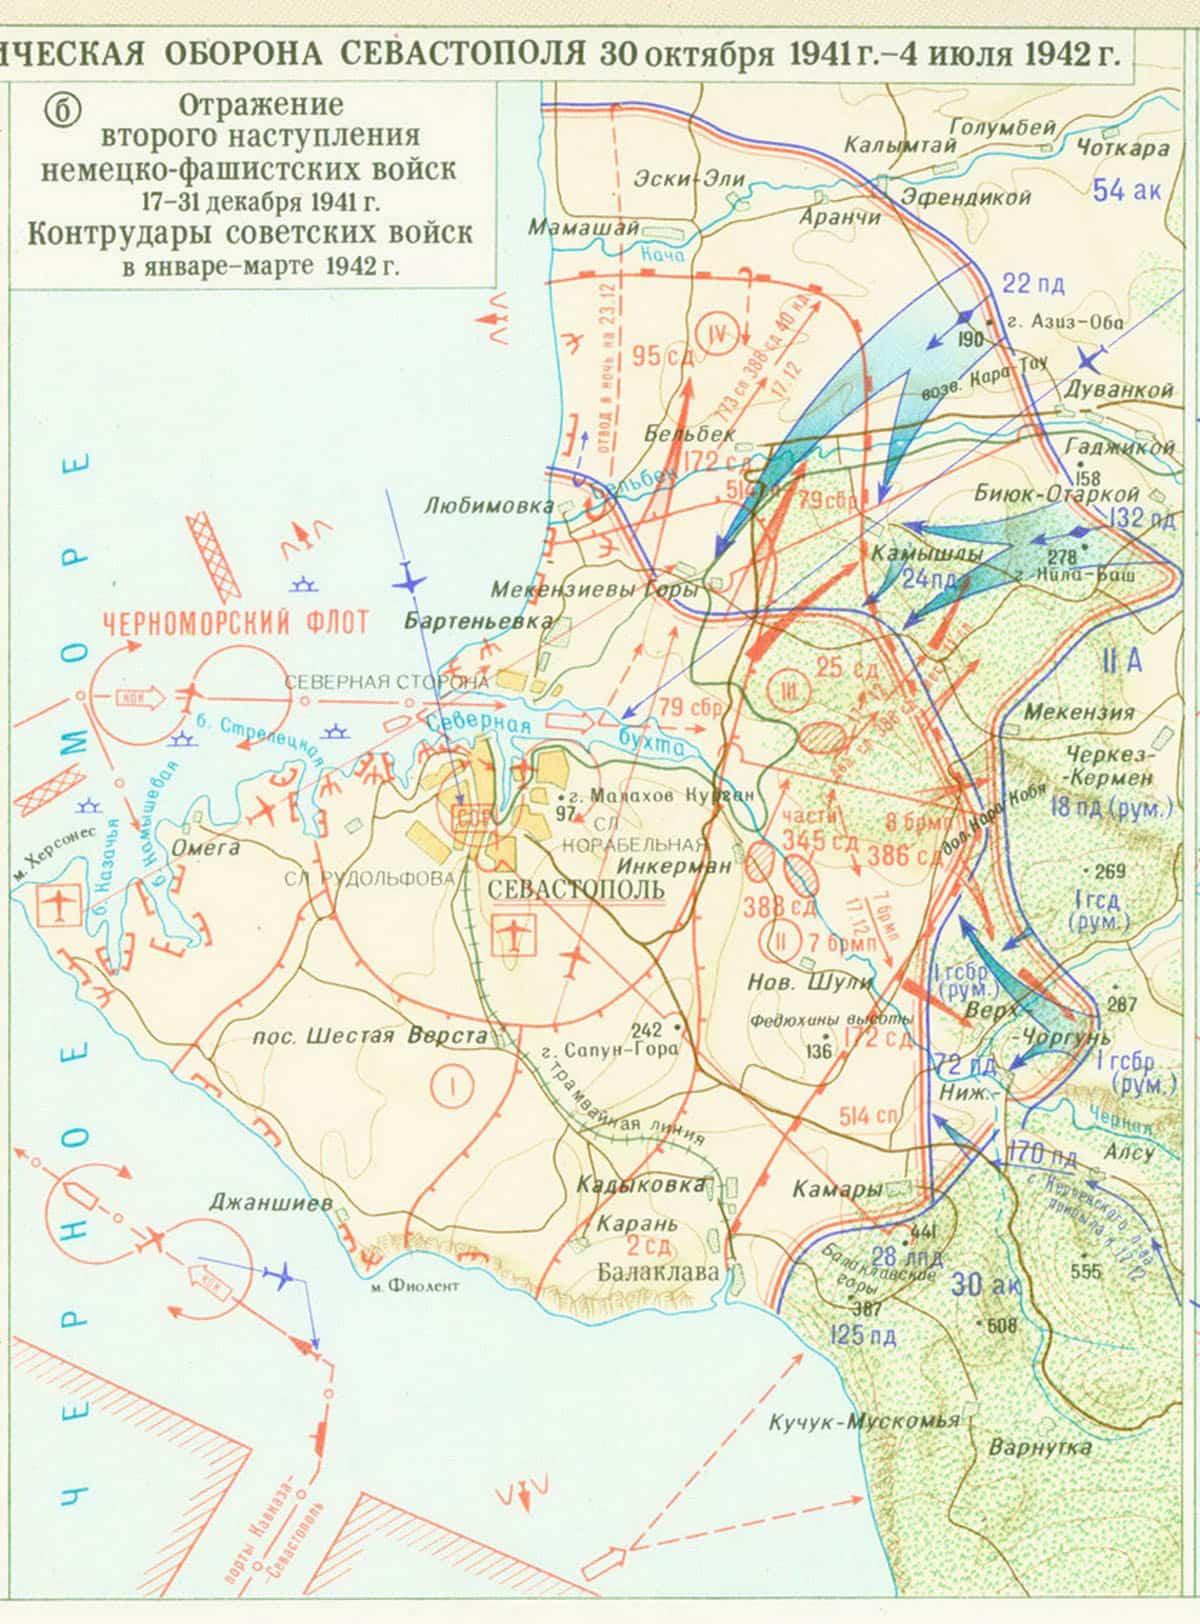 Отражение второго штурма Севастополя 17-31 декабря 1941 года